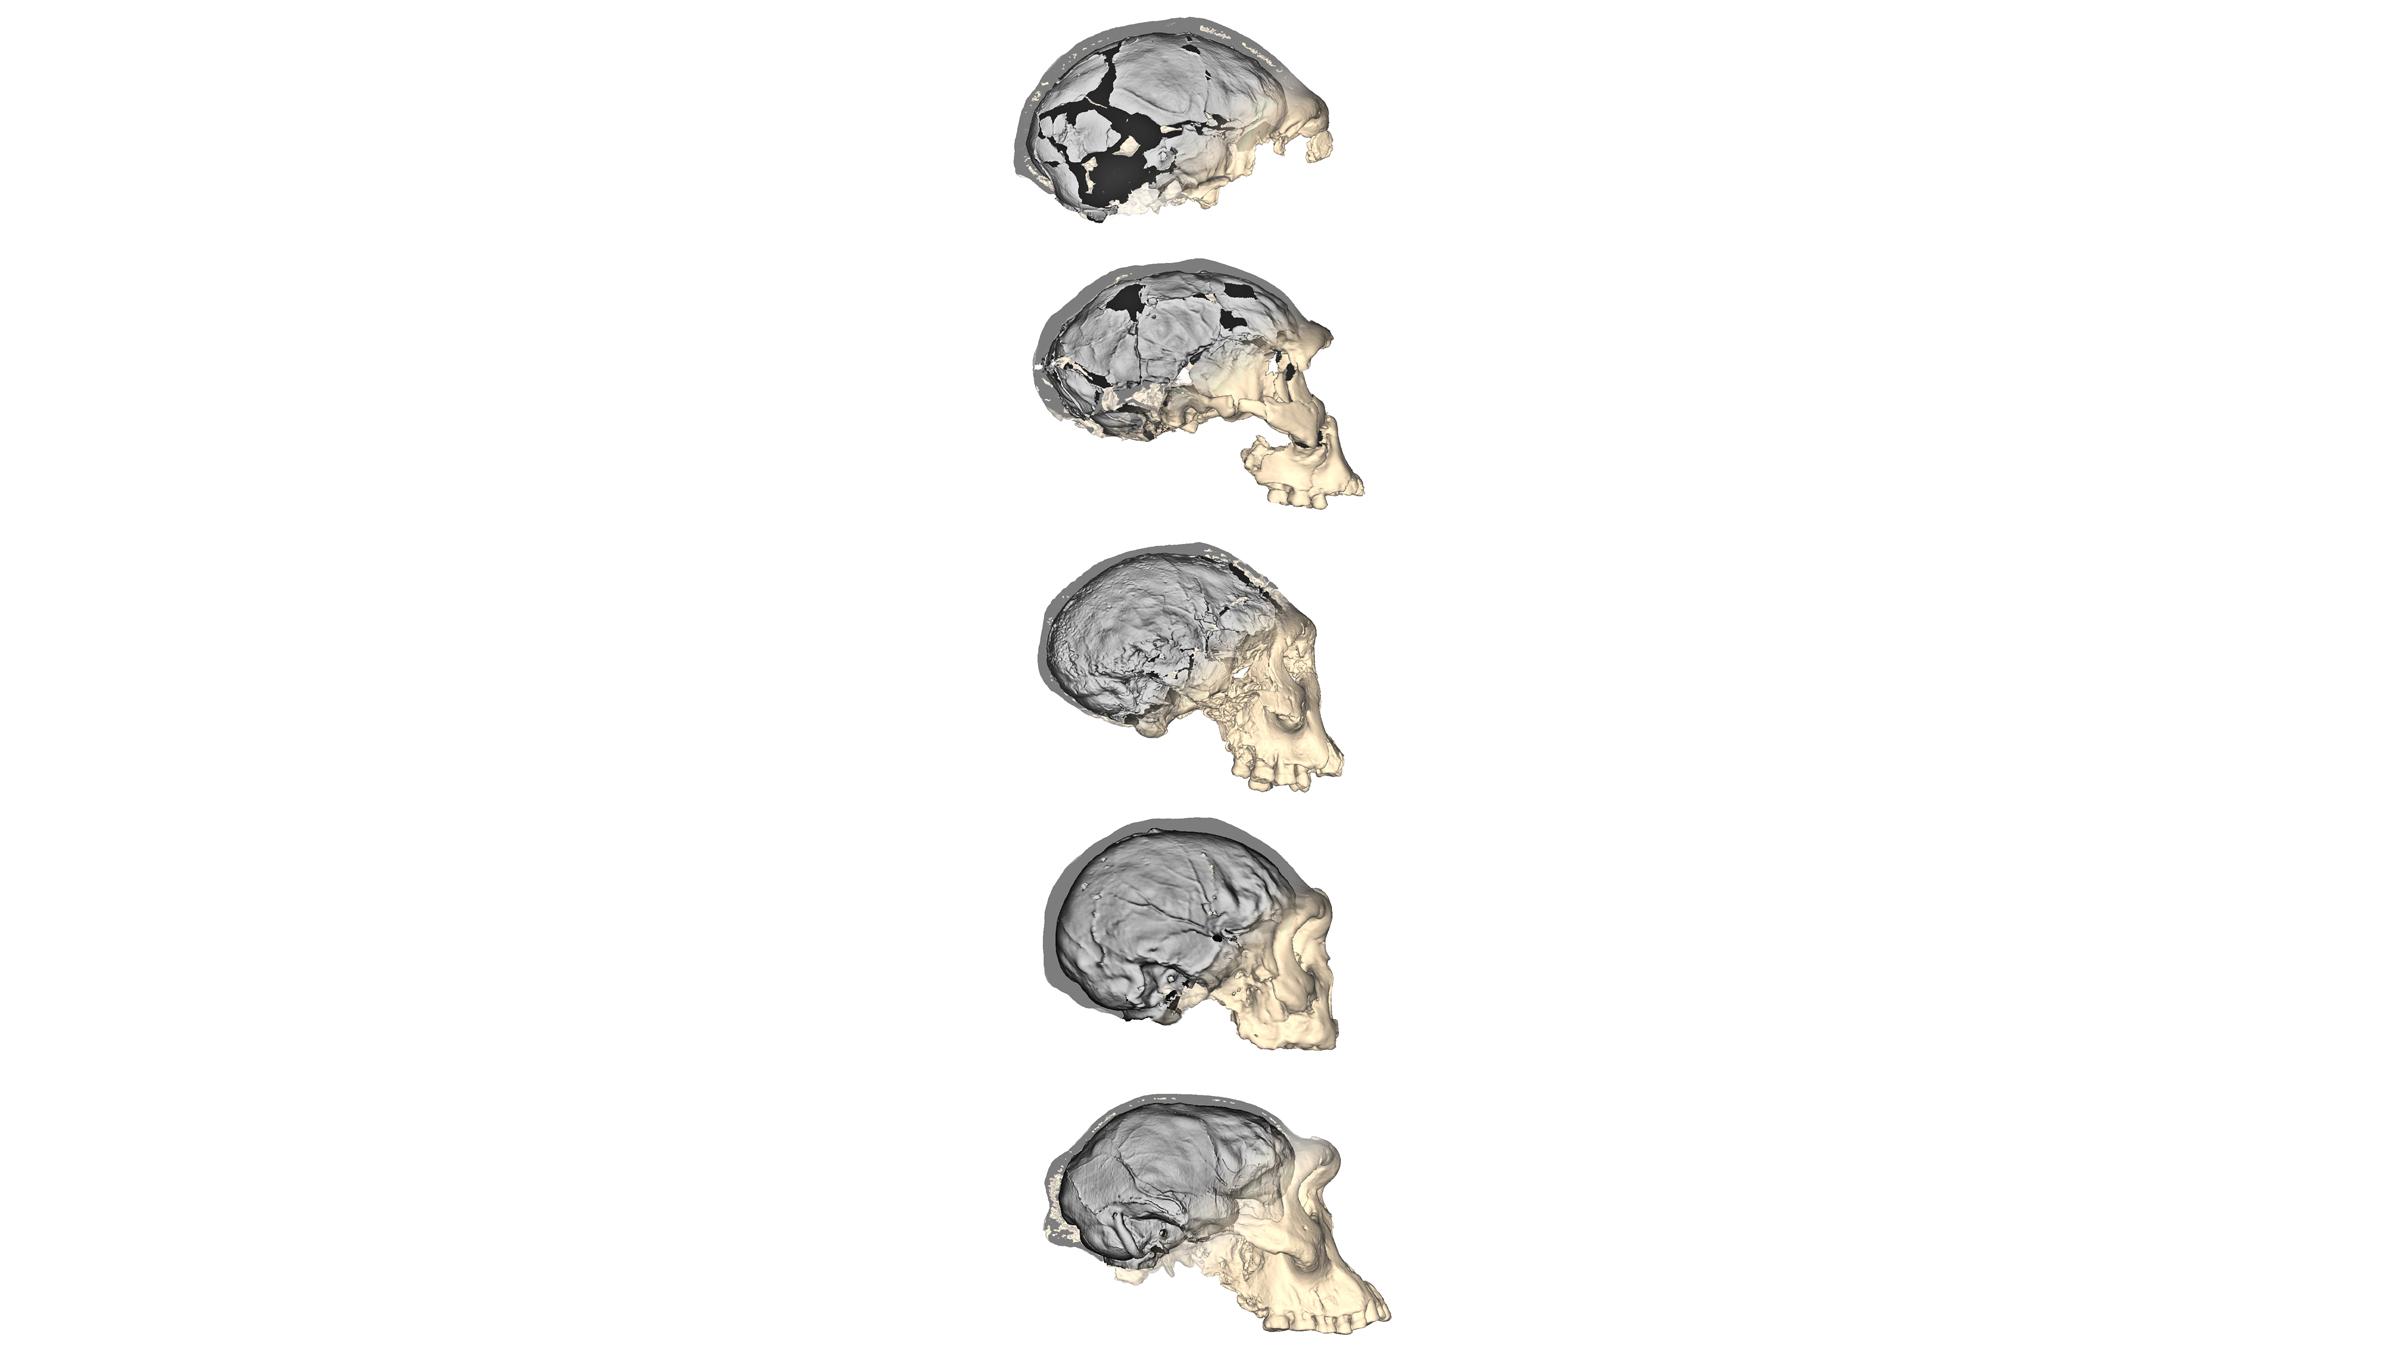 Les progrès de la technologie d'imagerie ont permis aux chercheurs de créer des reconstructions 3D détaillées des cinq crânes d'Homo erectus de Dmanisi, en Géorgie.